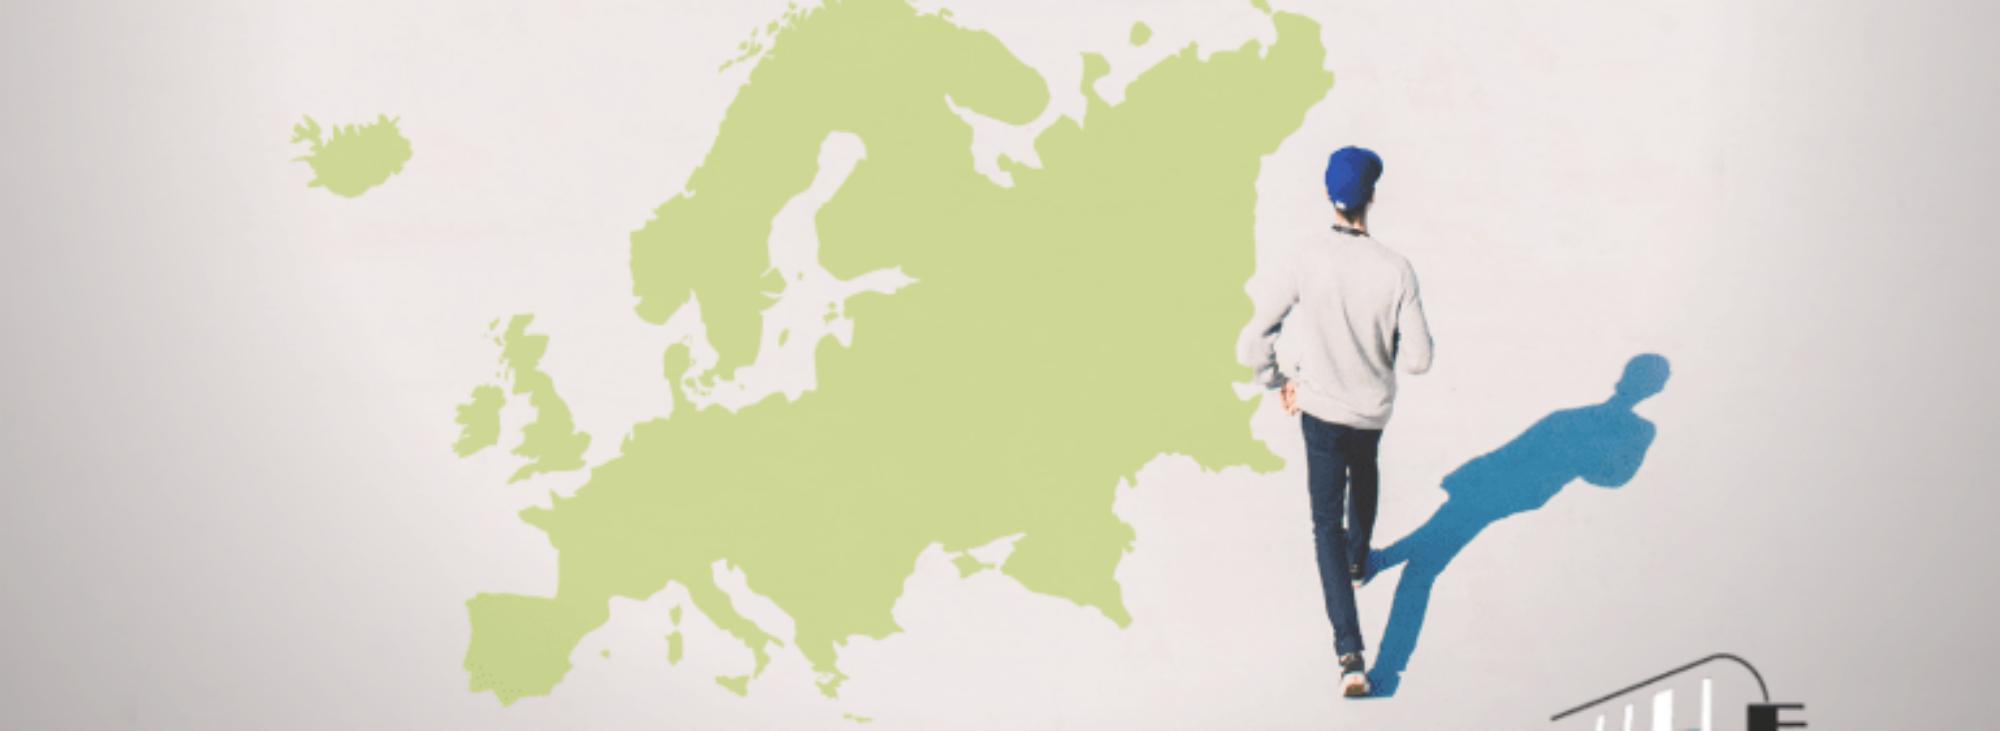 JOBSHADOWING EUROPE